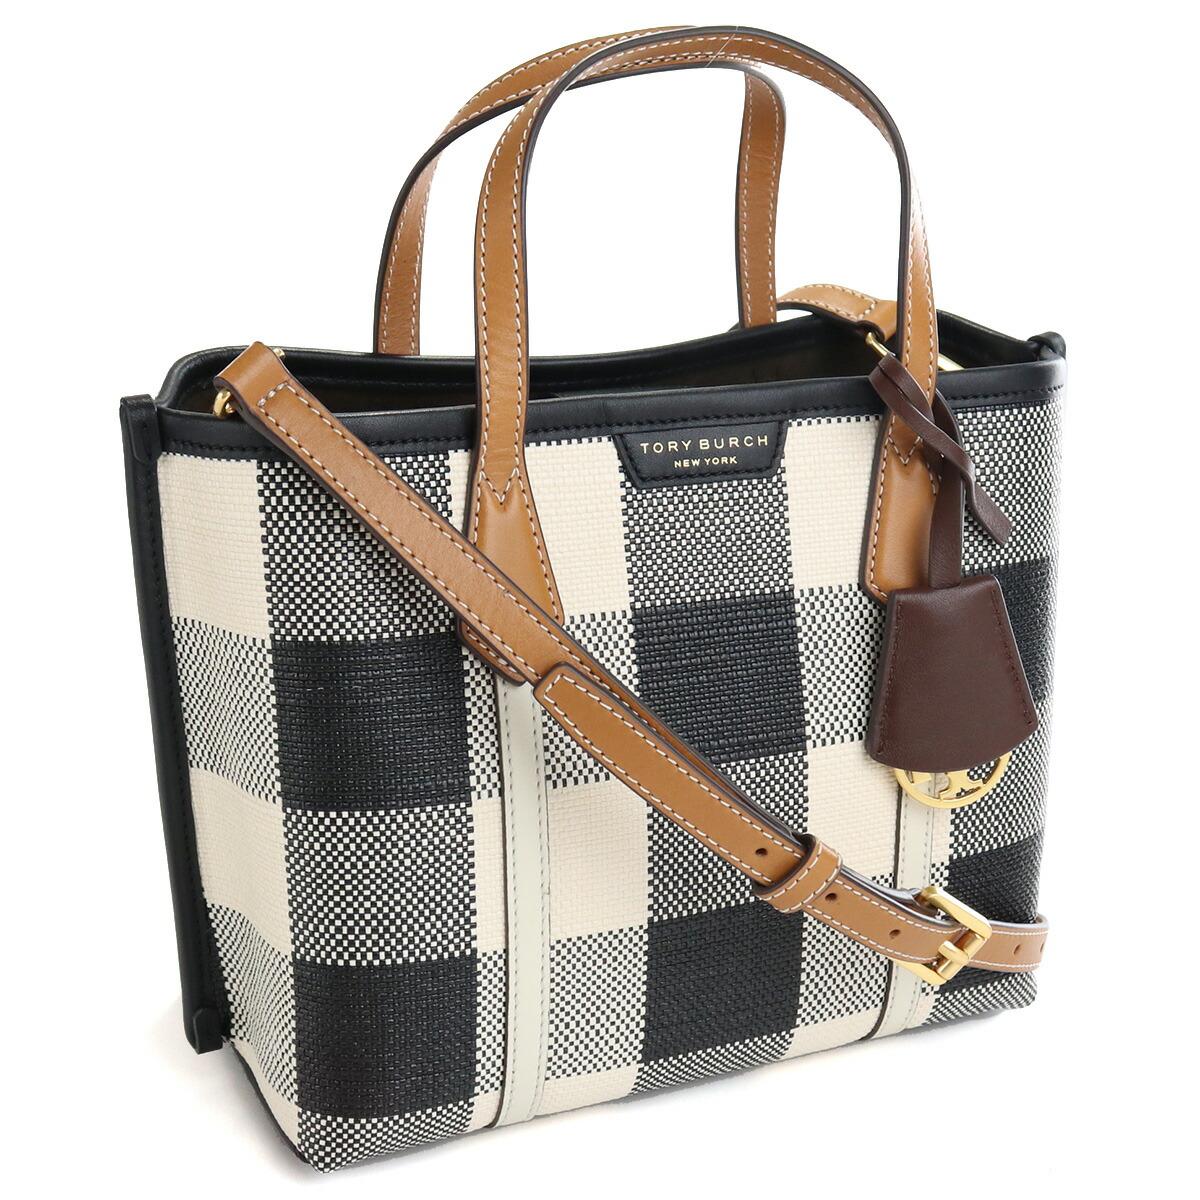 トリーバーチ TORY BURCH PERRY トートバッグ ブランドバッグ ブランドトートバッグ 81929 007 BLACK NEW IVORY GING ブラック ホワイト系 bag-01